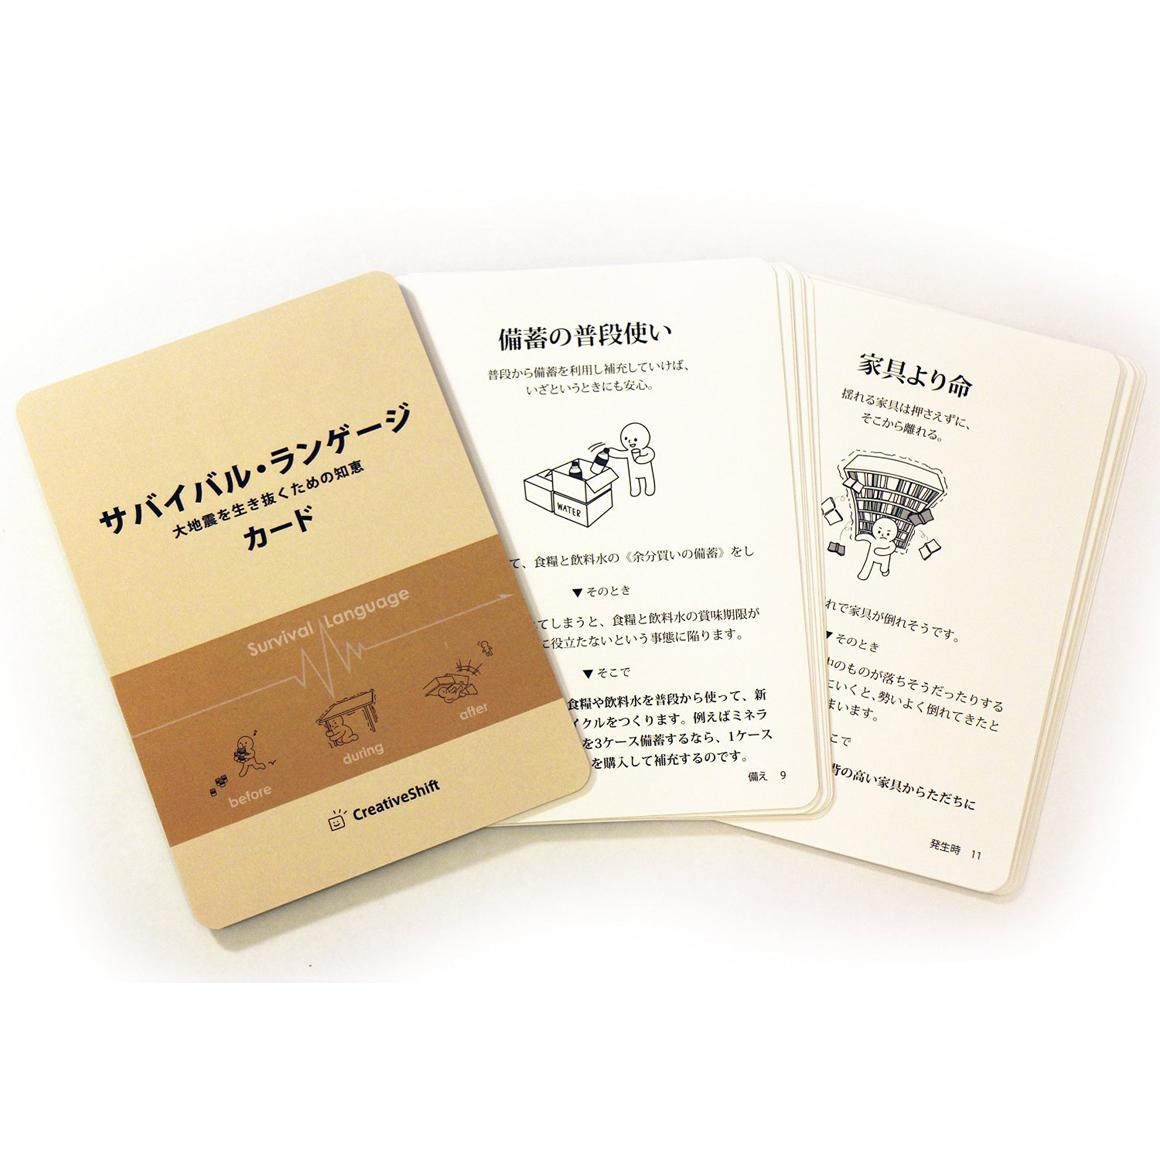 サバイバル・ランゲージ・カード(大地震を生き抜くための知恵)